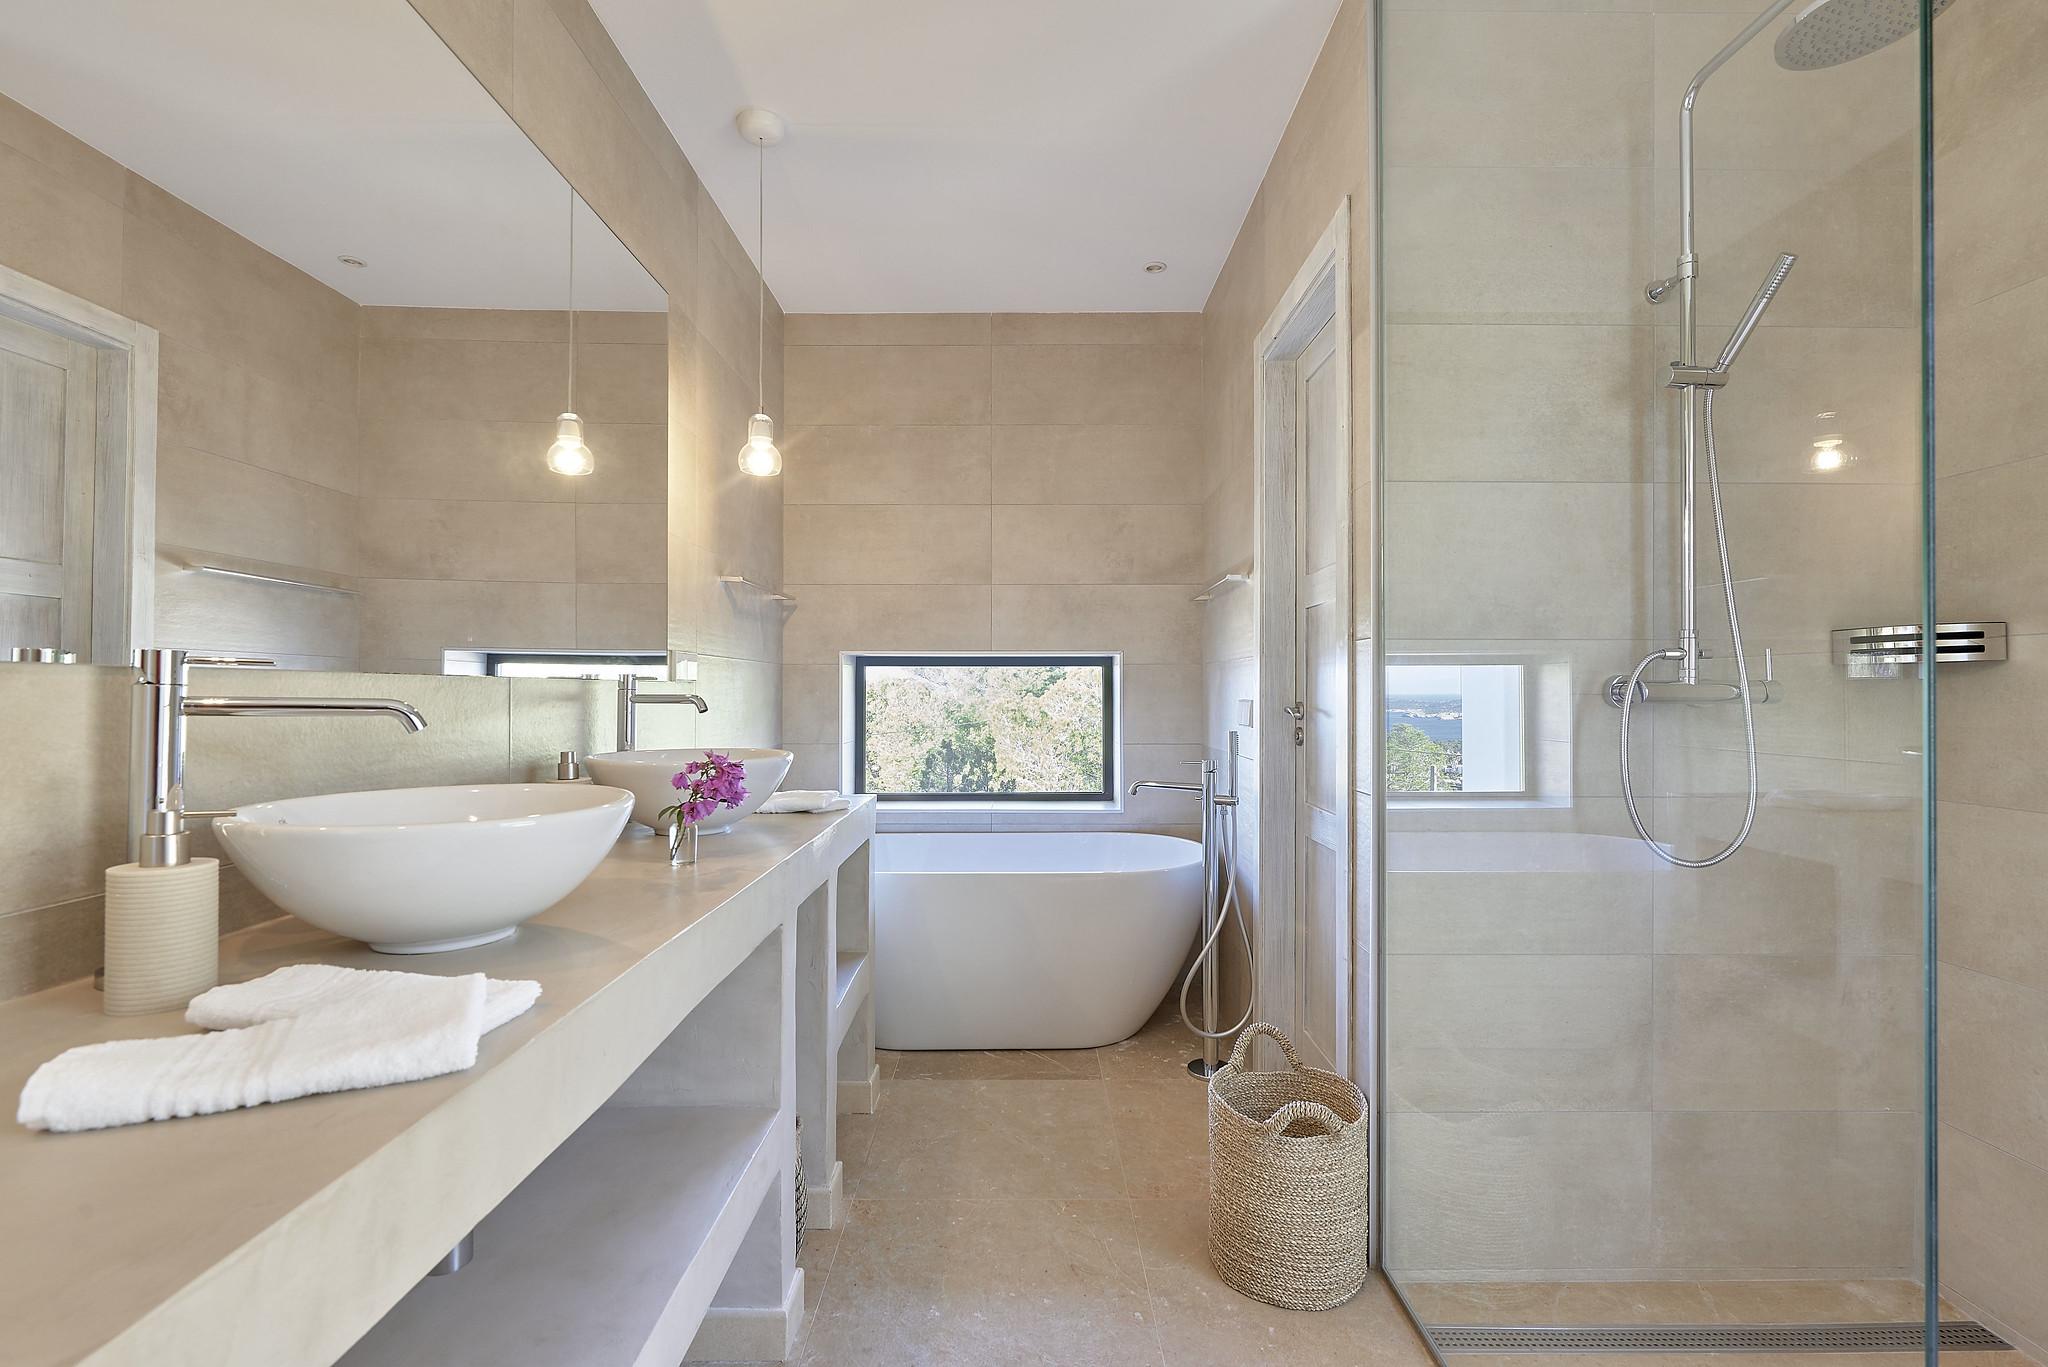 https://www.white-ibiza.com/wp-content/uploads/2020/06/white-ibiza-villas-sa-serra-interior-bathroom3.jpg